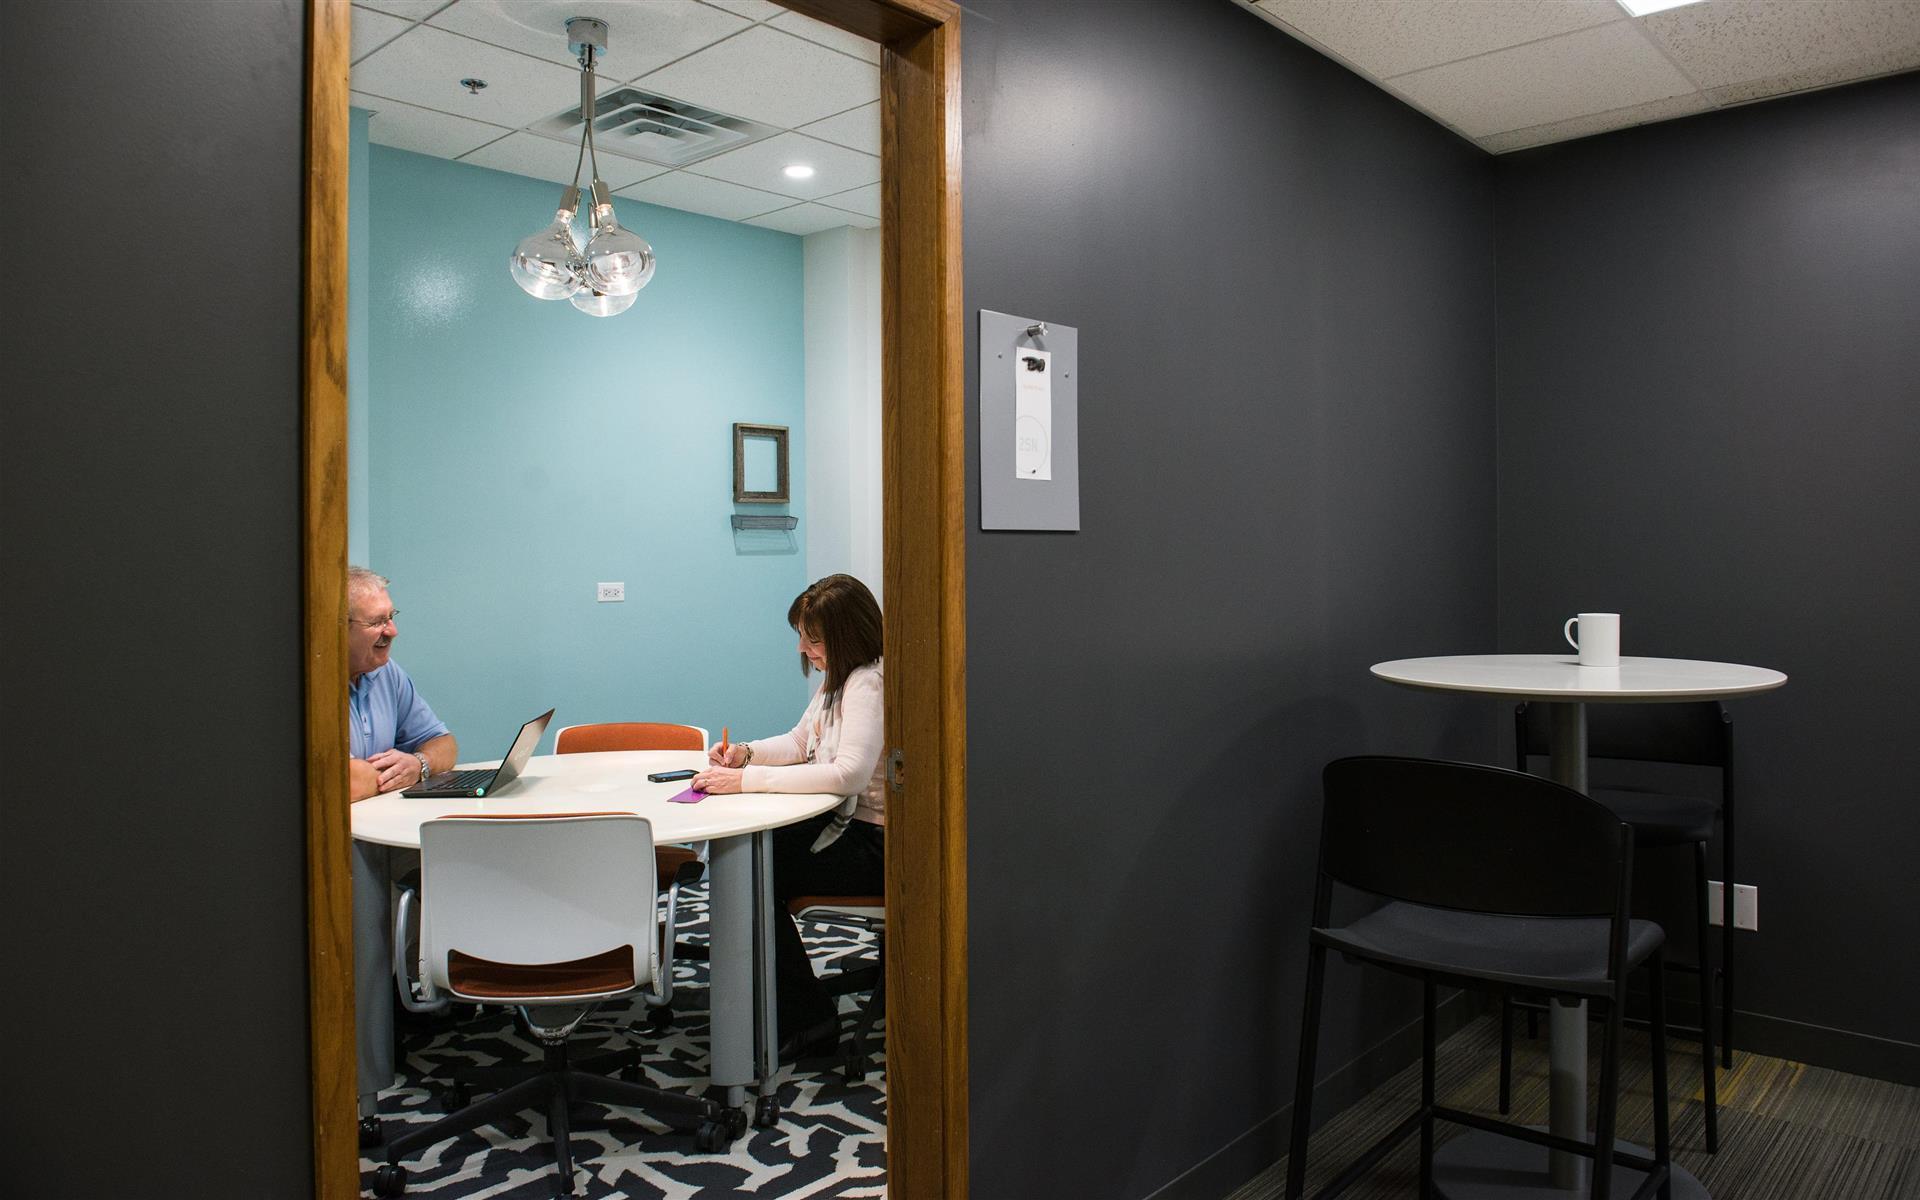 25N Coworking - Arlington Heights - Team Office 203